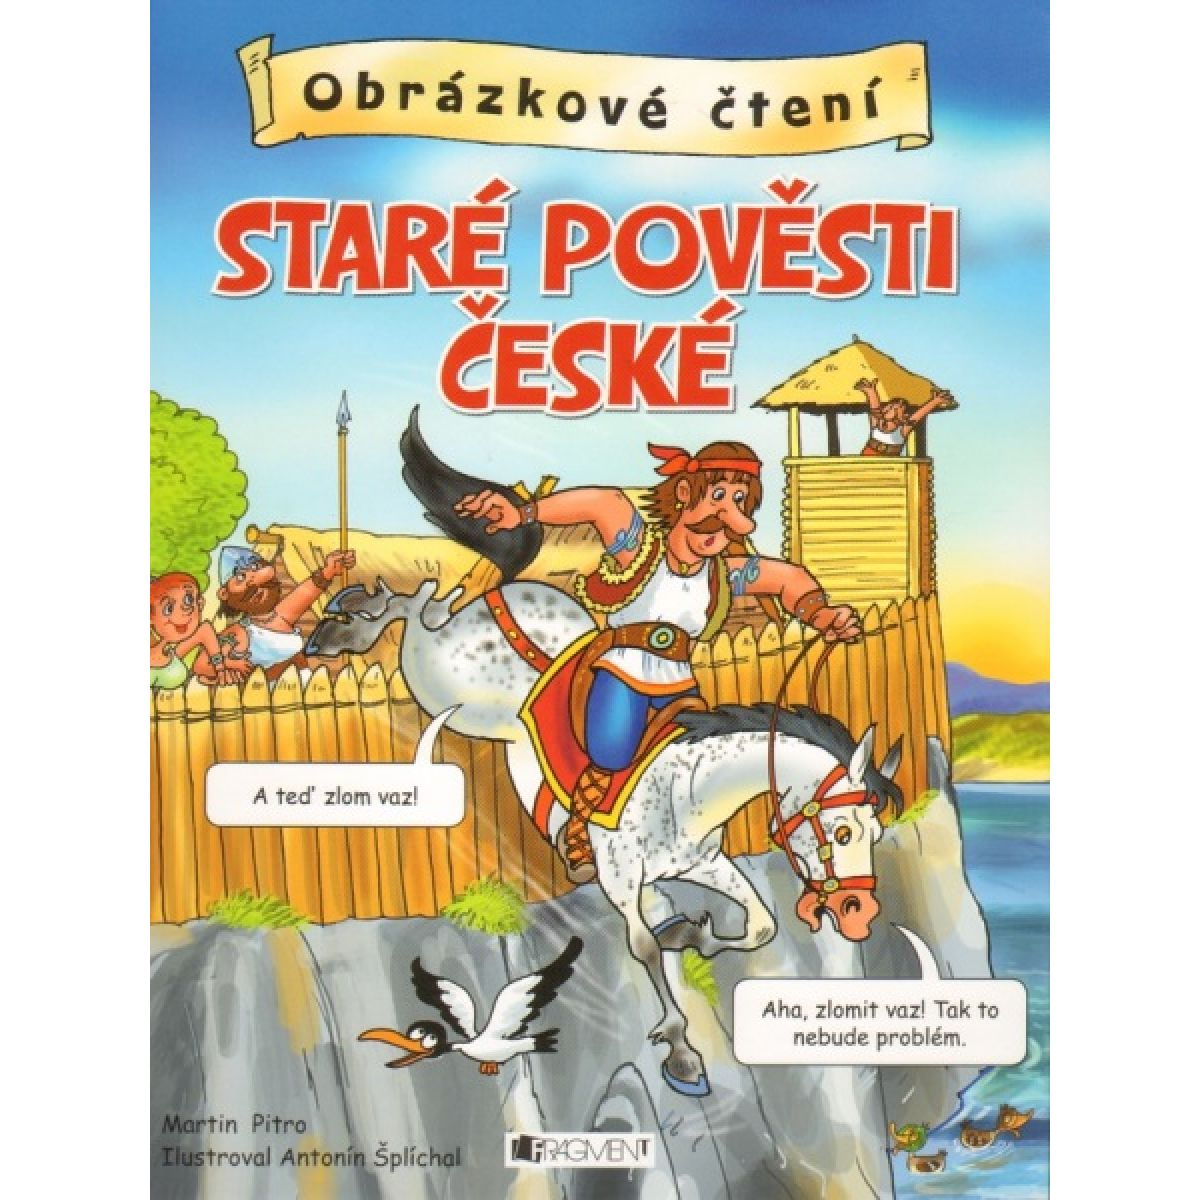 Fregment Obrázkové čtení - Staré pověsti české